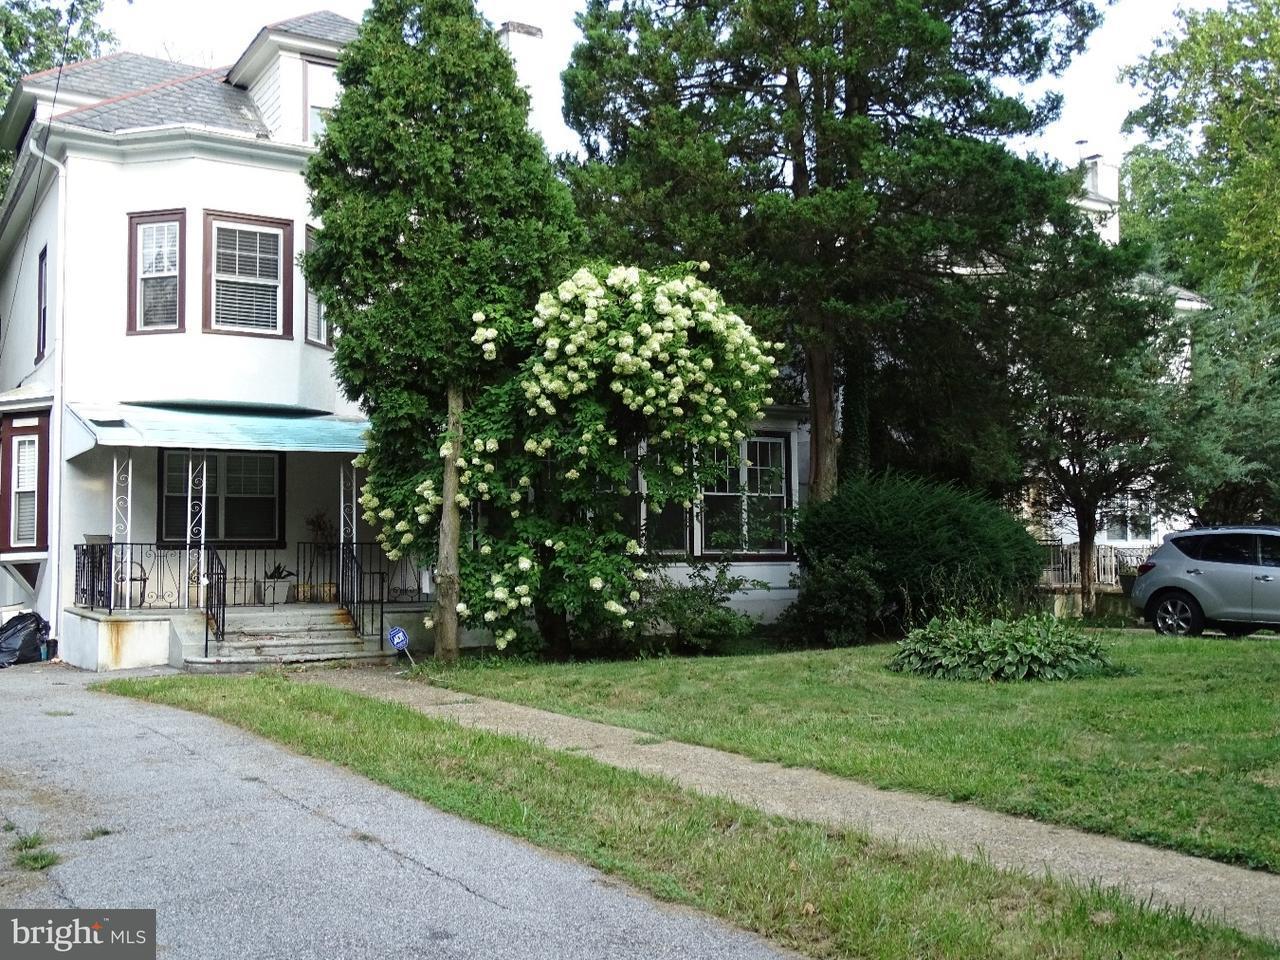 2415 N 54TH Philadelphia, PA 19131